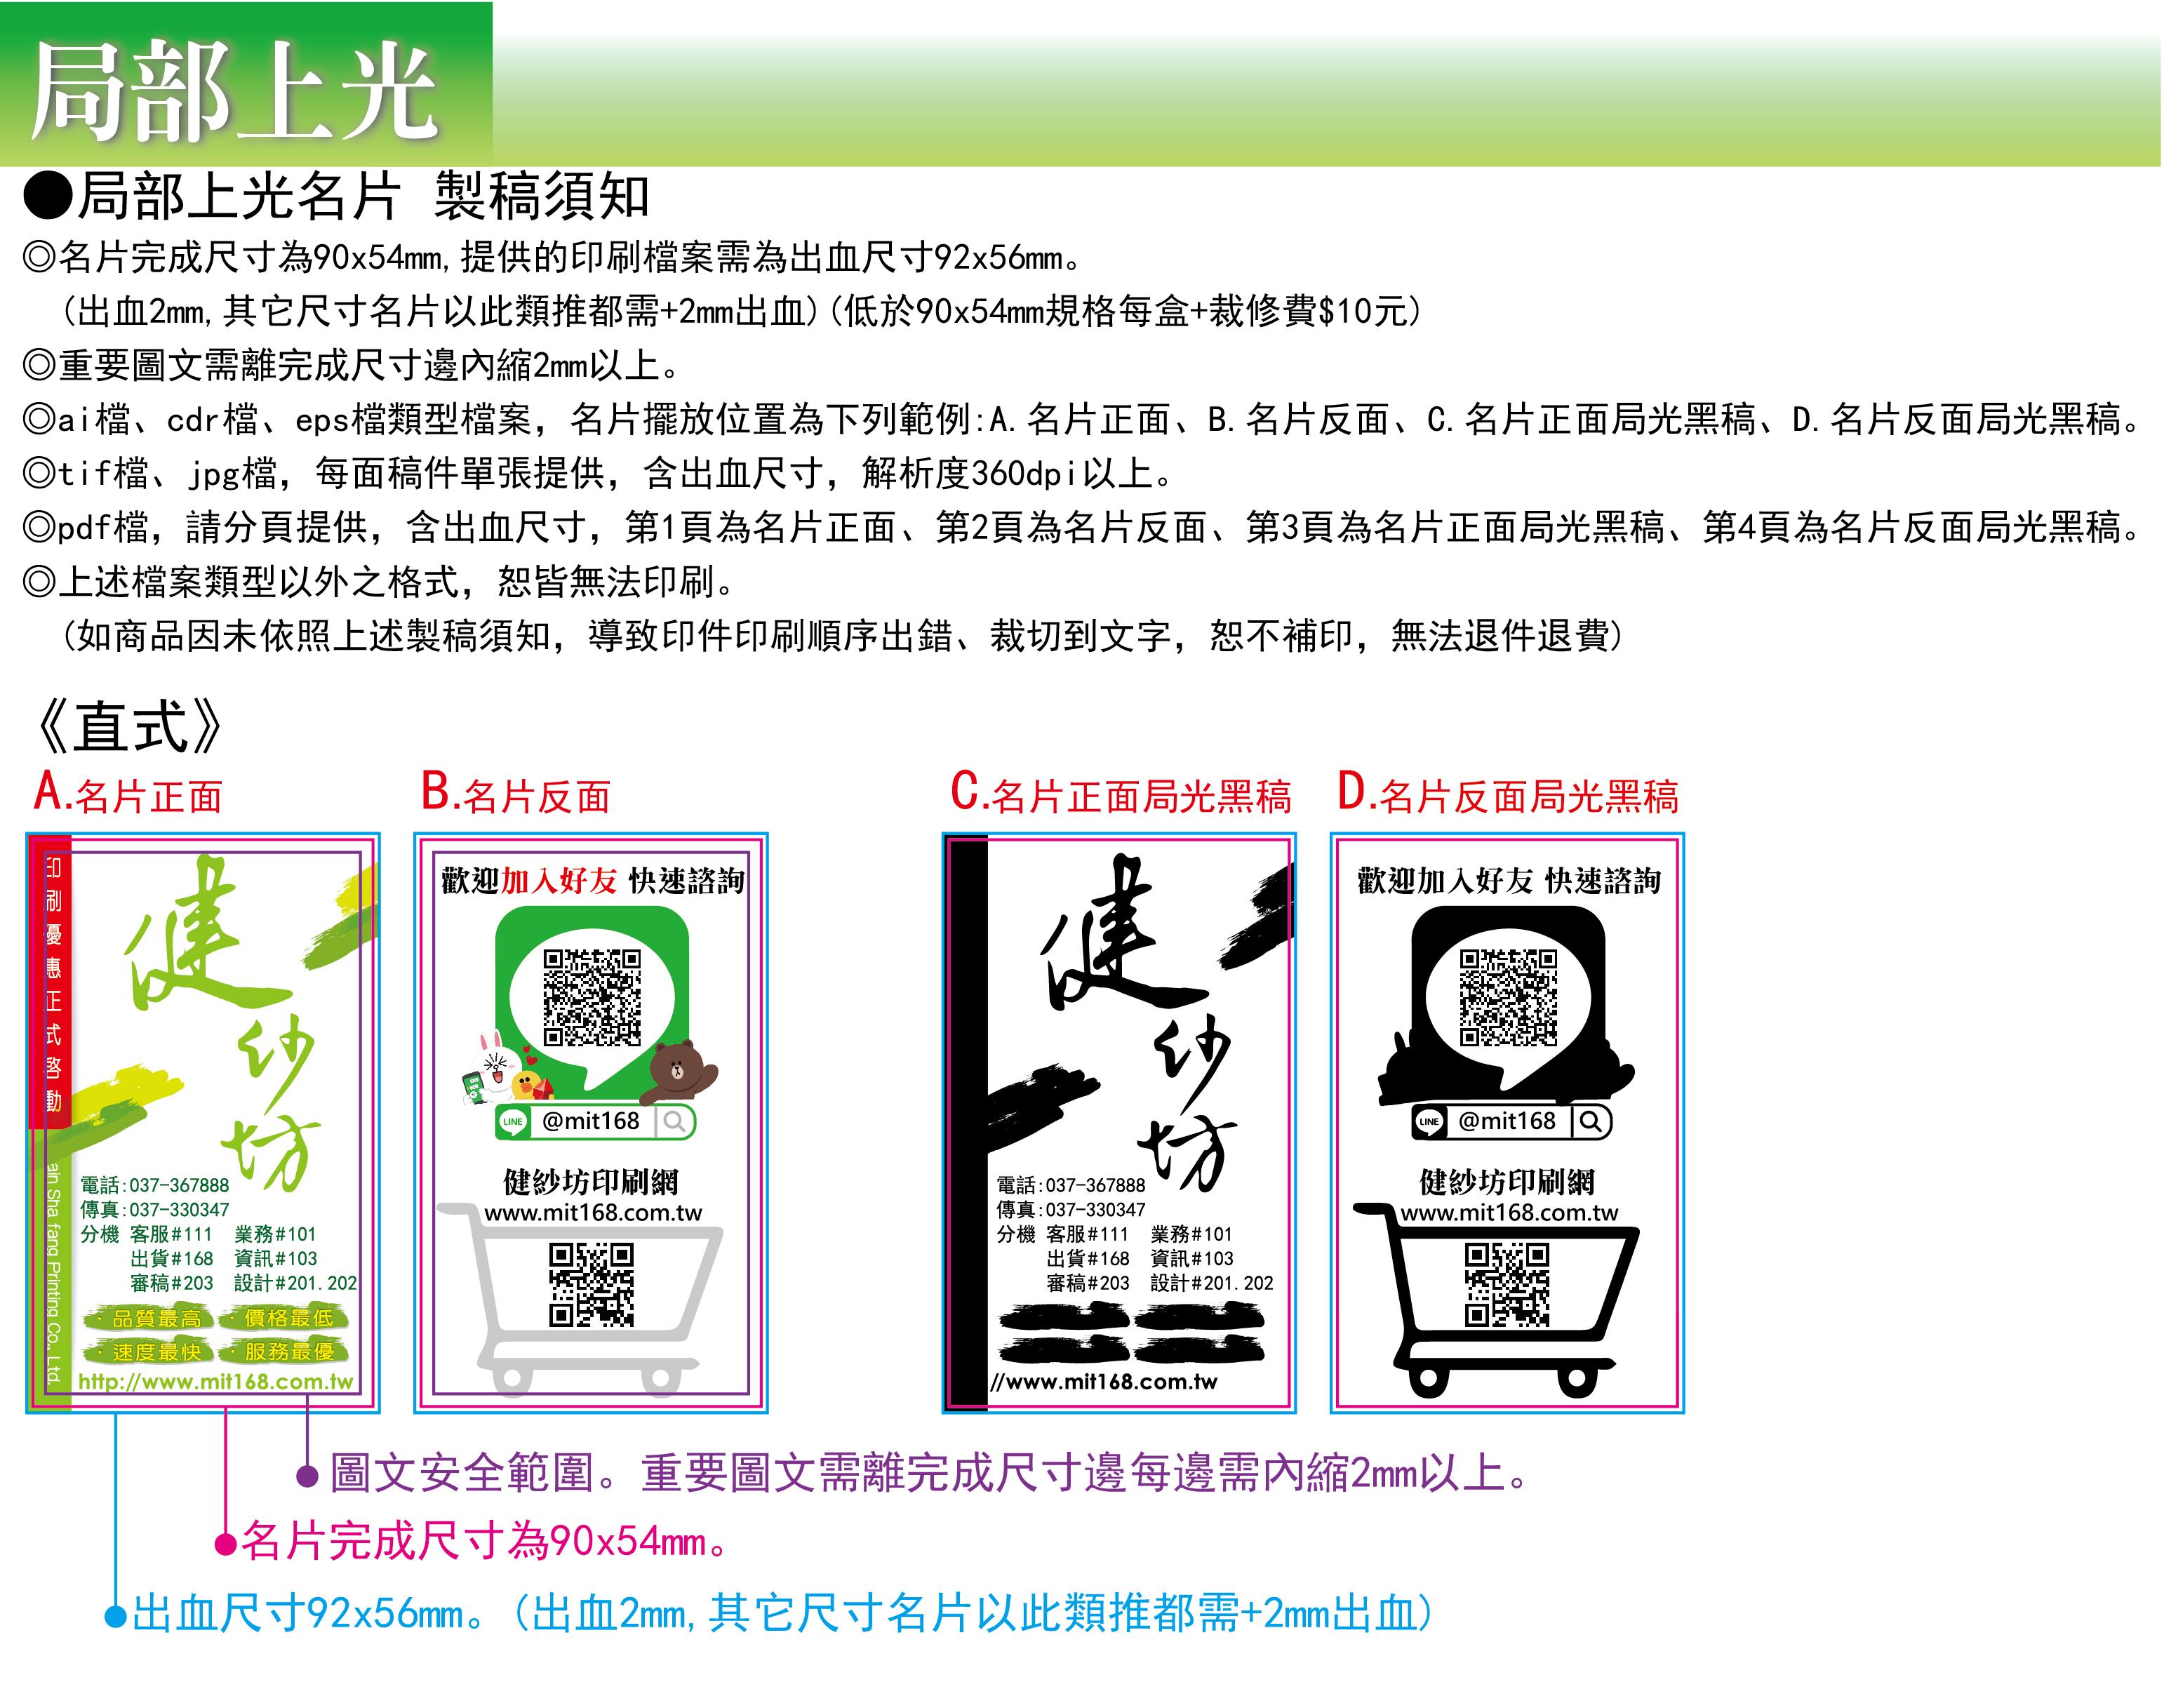 網站局部光稿直式範例-01.jpg